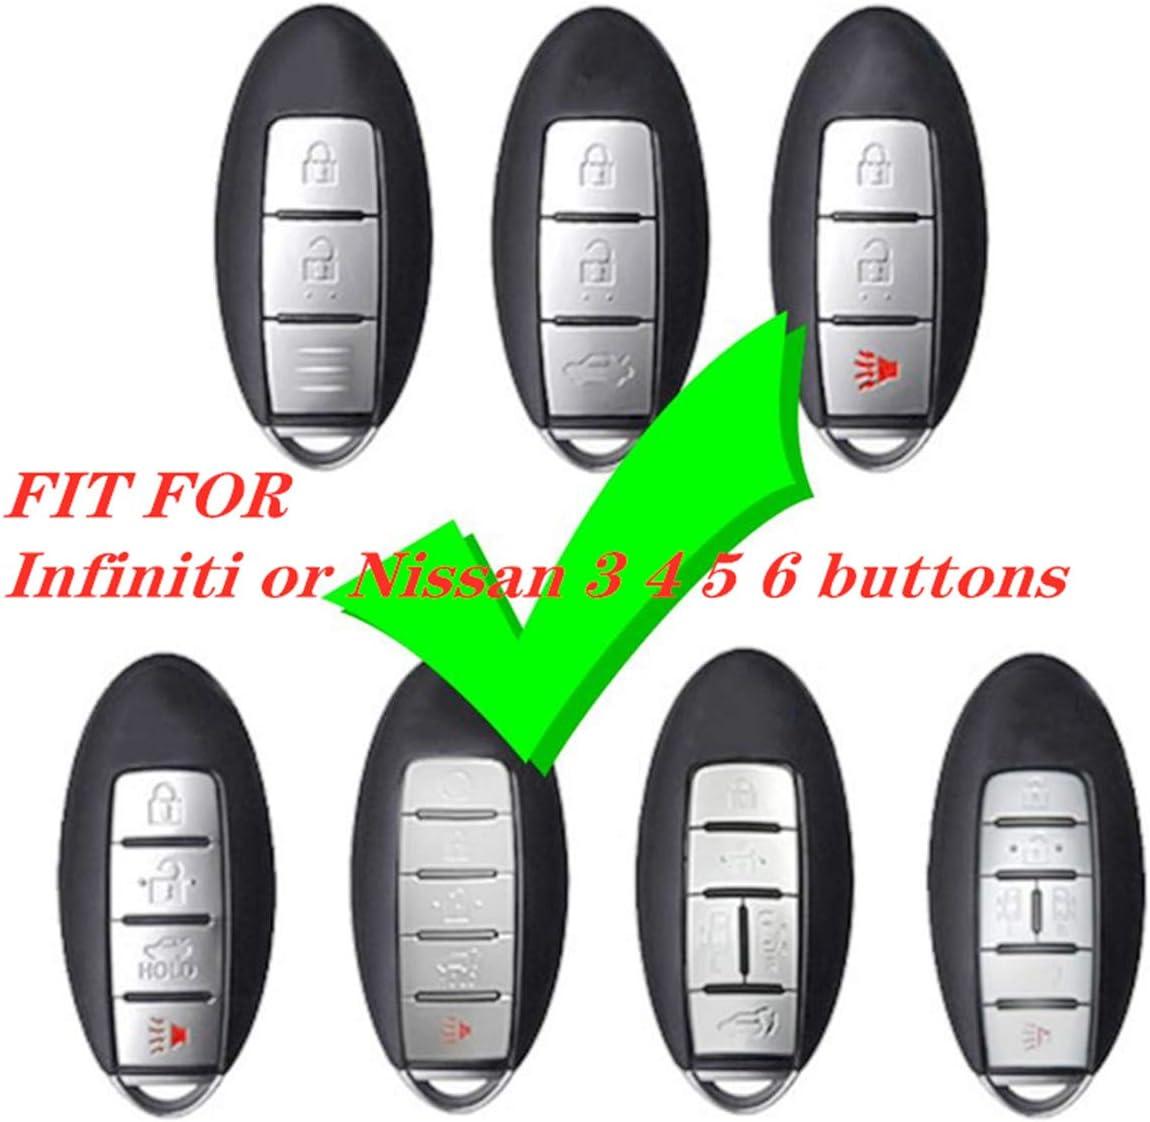 2013-2016 OEM Infiniti Q50 Smart Keyless Entry Remote w// Insert Emergency Key